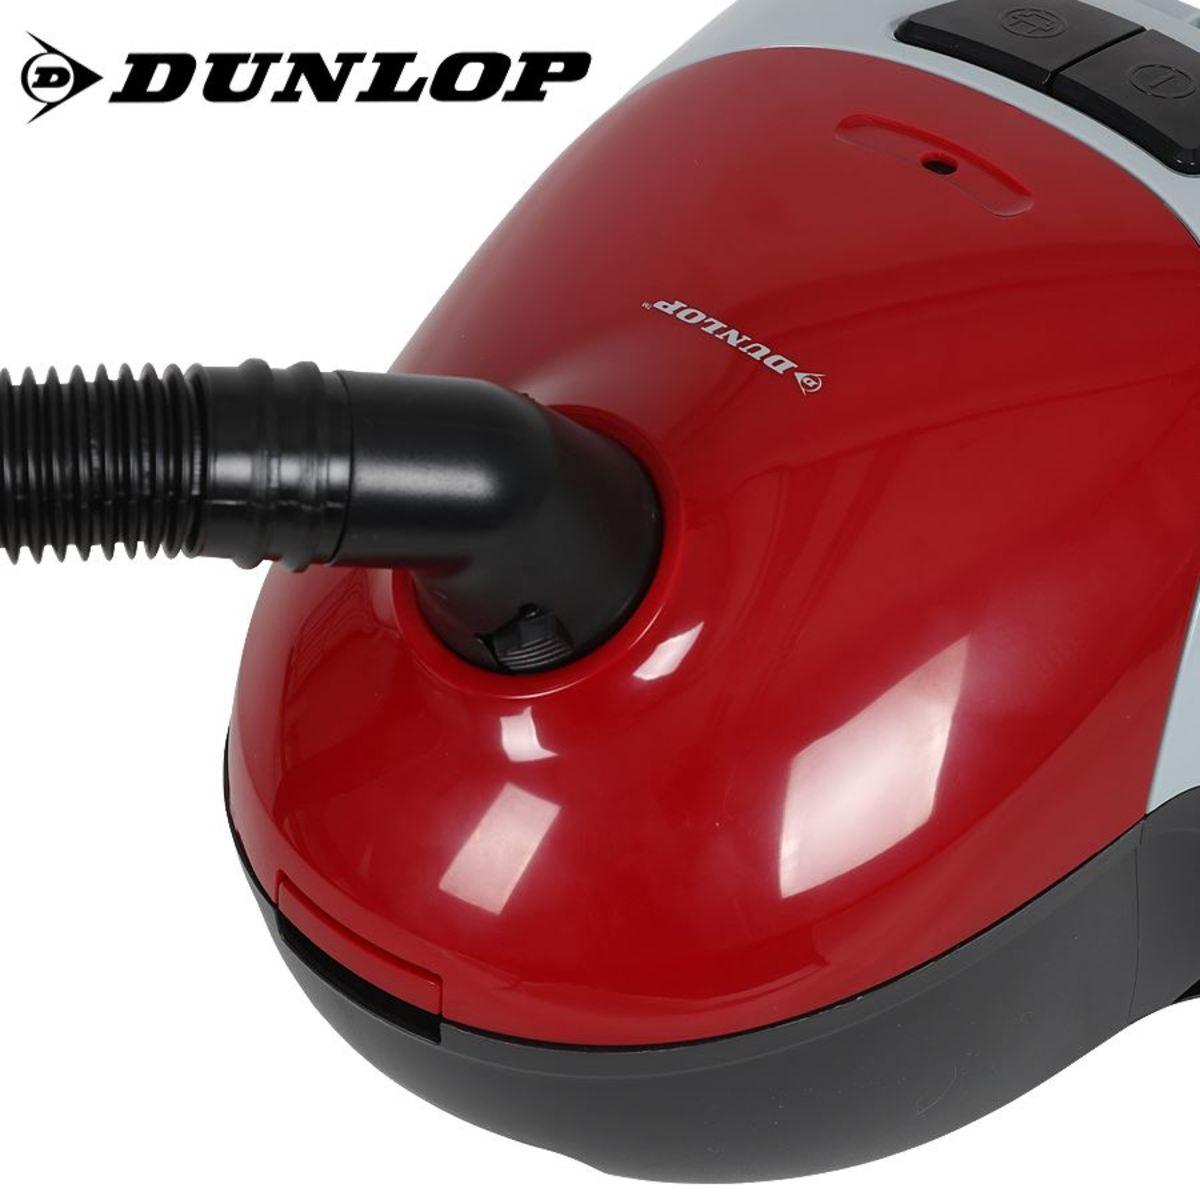 Bild 3 von Dunlop Beutel-Staubsauger VCH3002D-GS